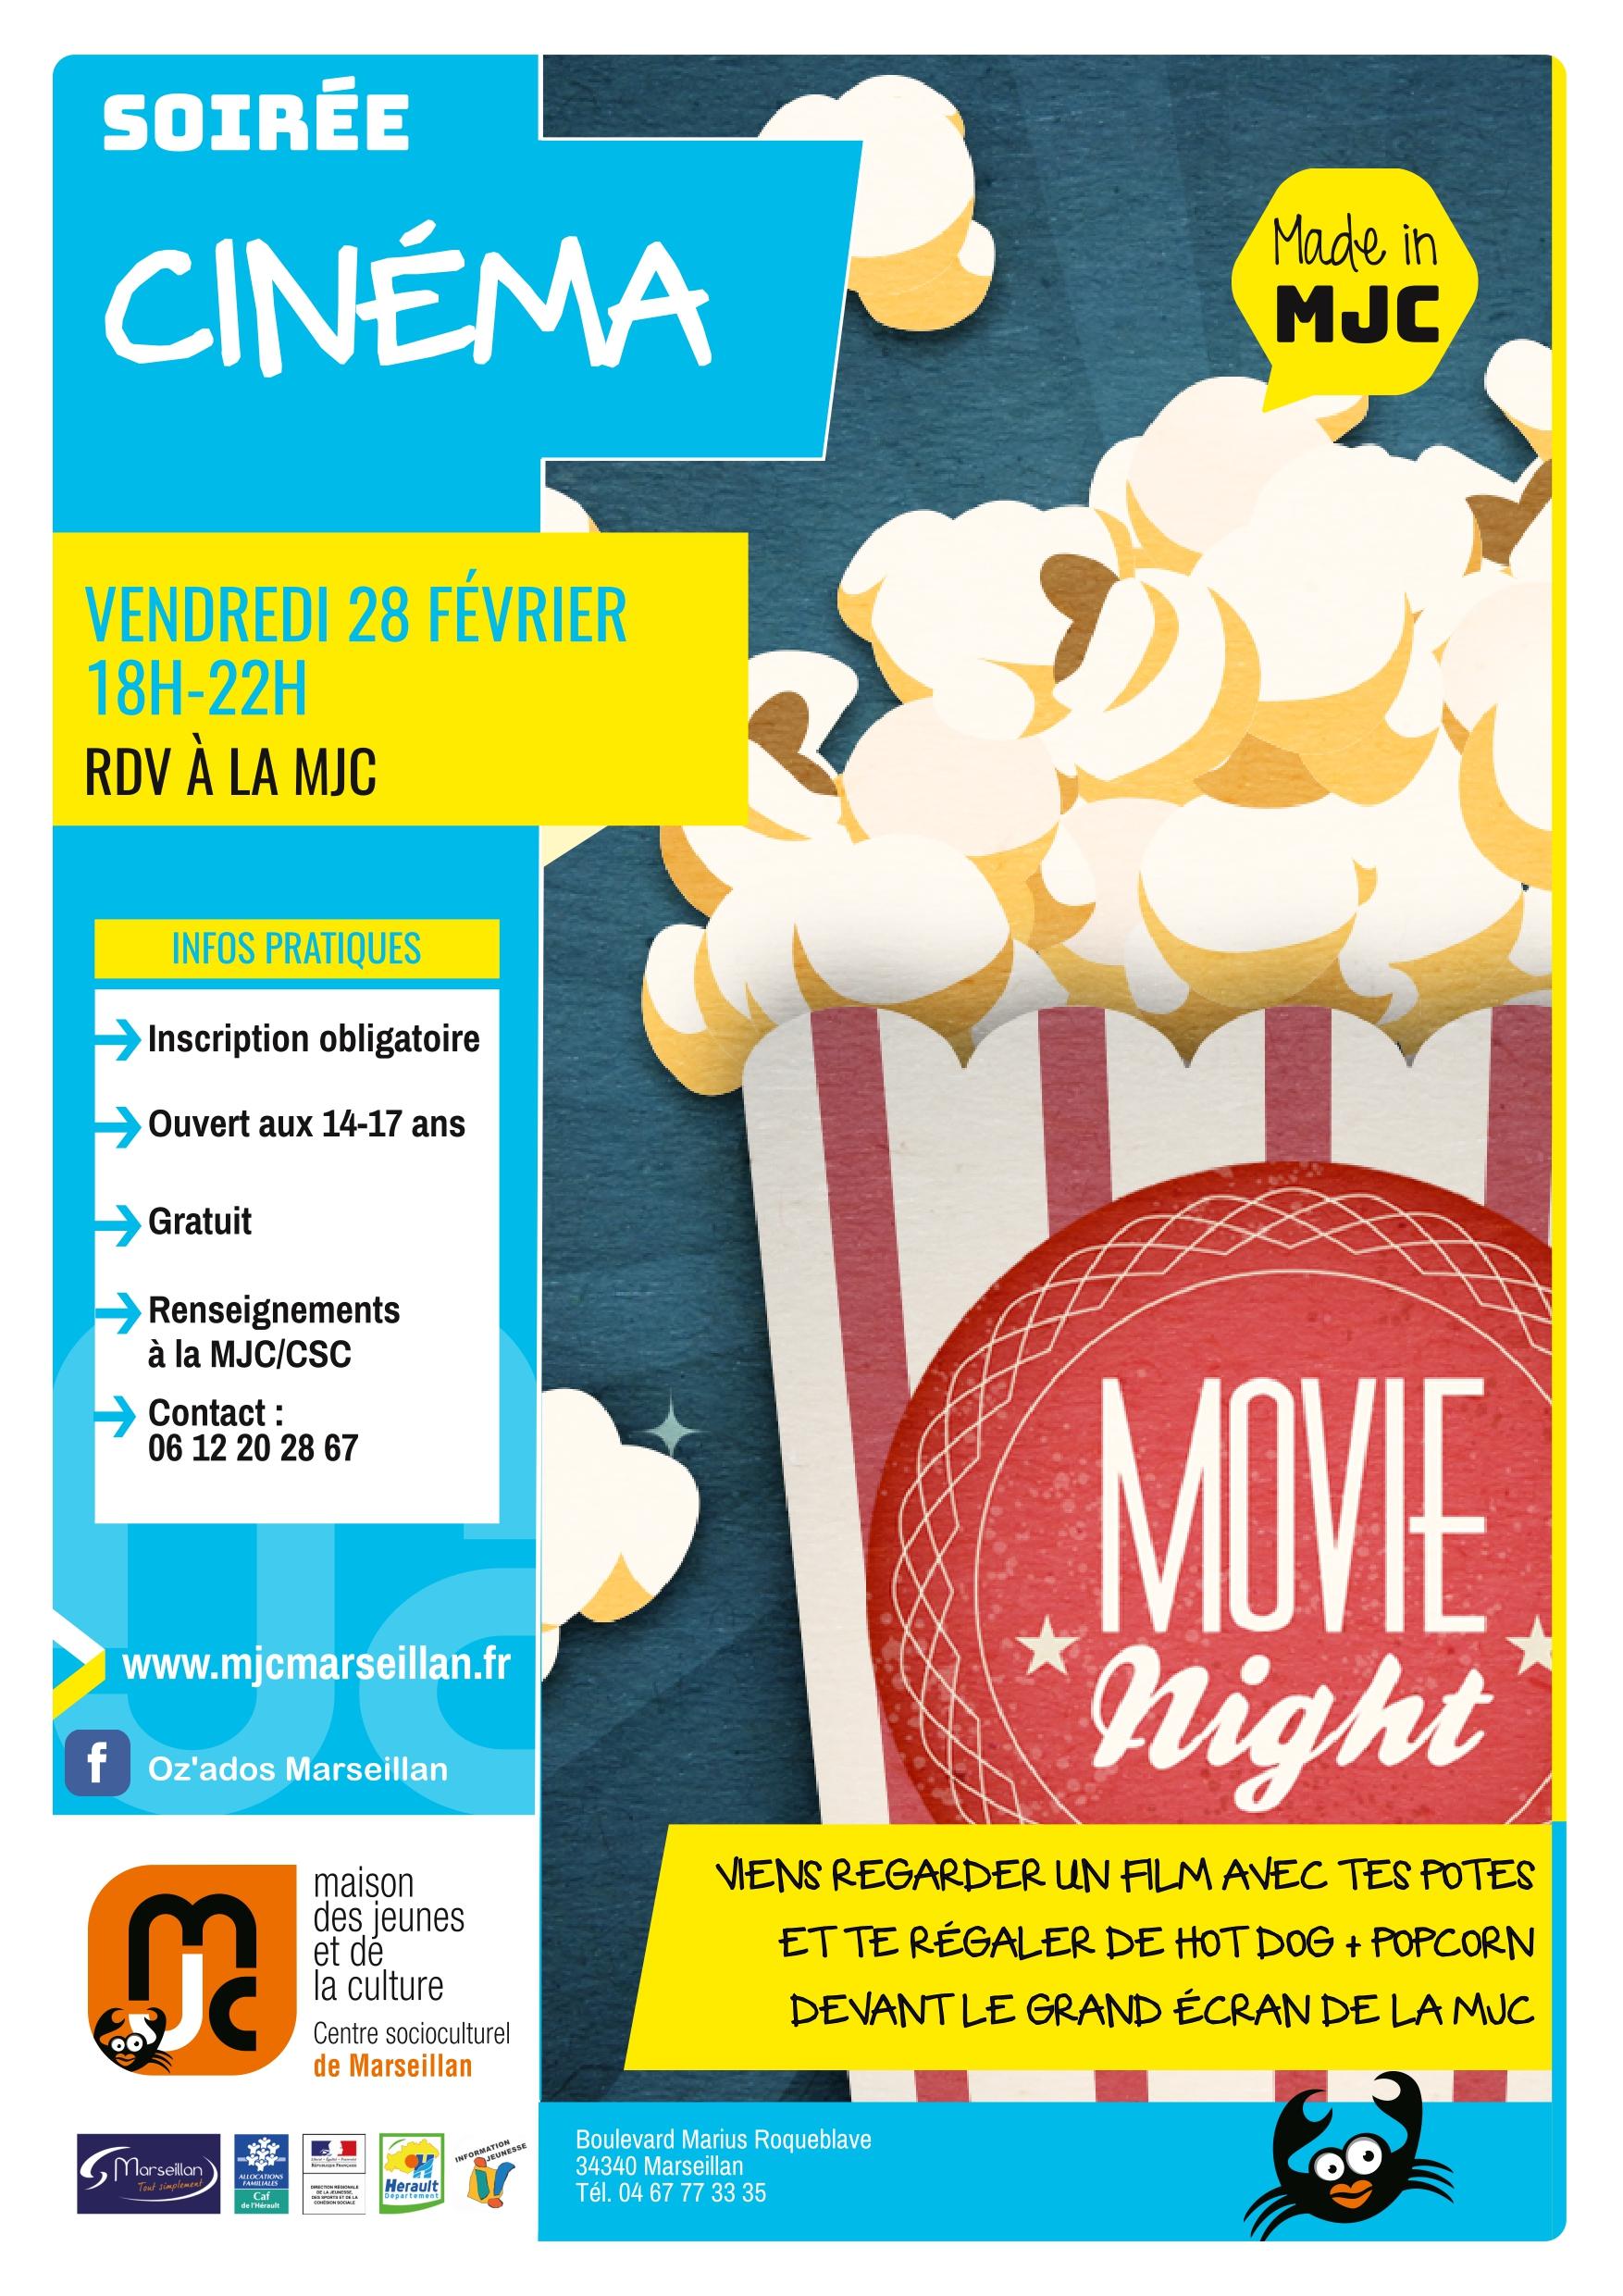 Vendredi 28 février 2020 : soirée cinéma